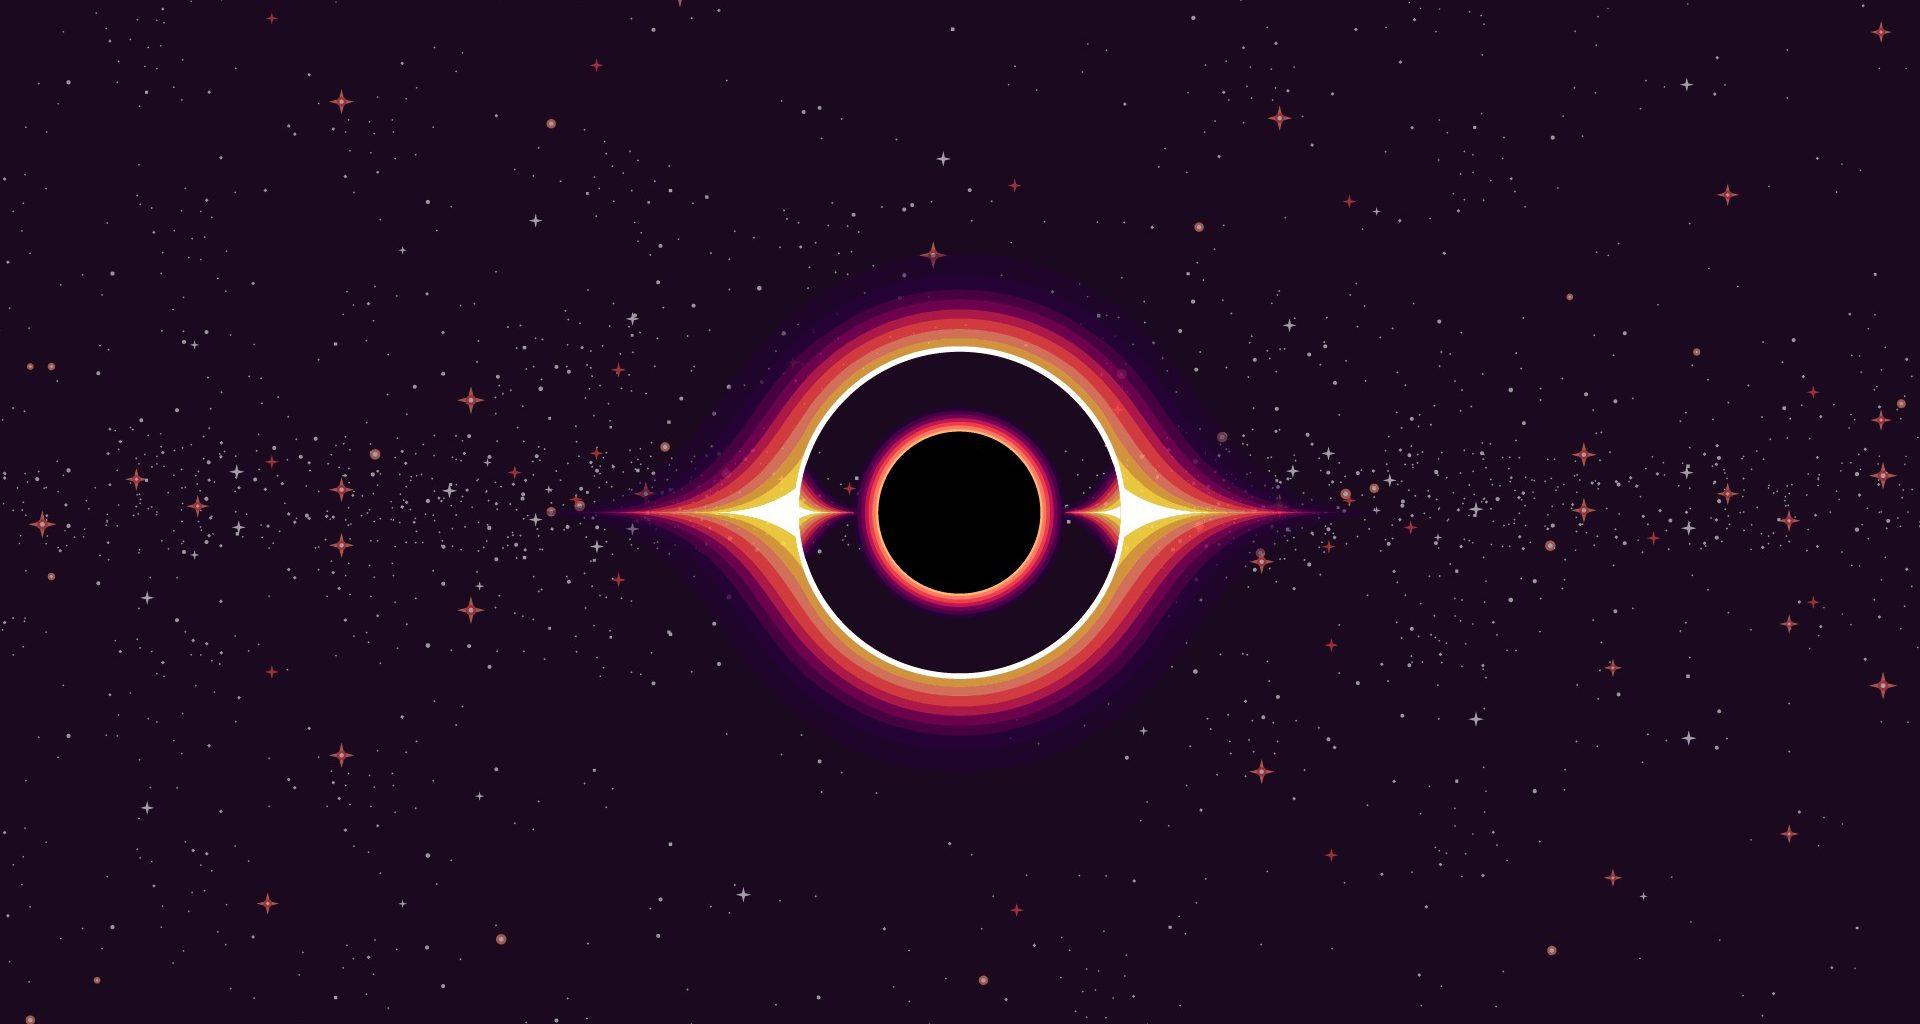 Agujeros negros pueden devorar estrellas desde adentro, como el cáncer